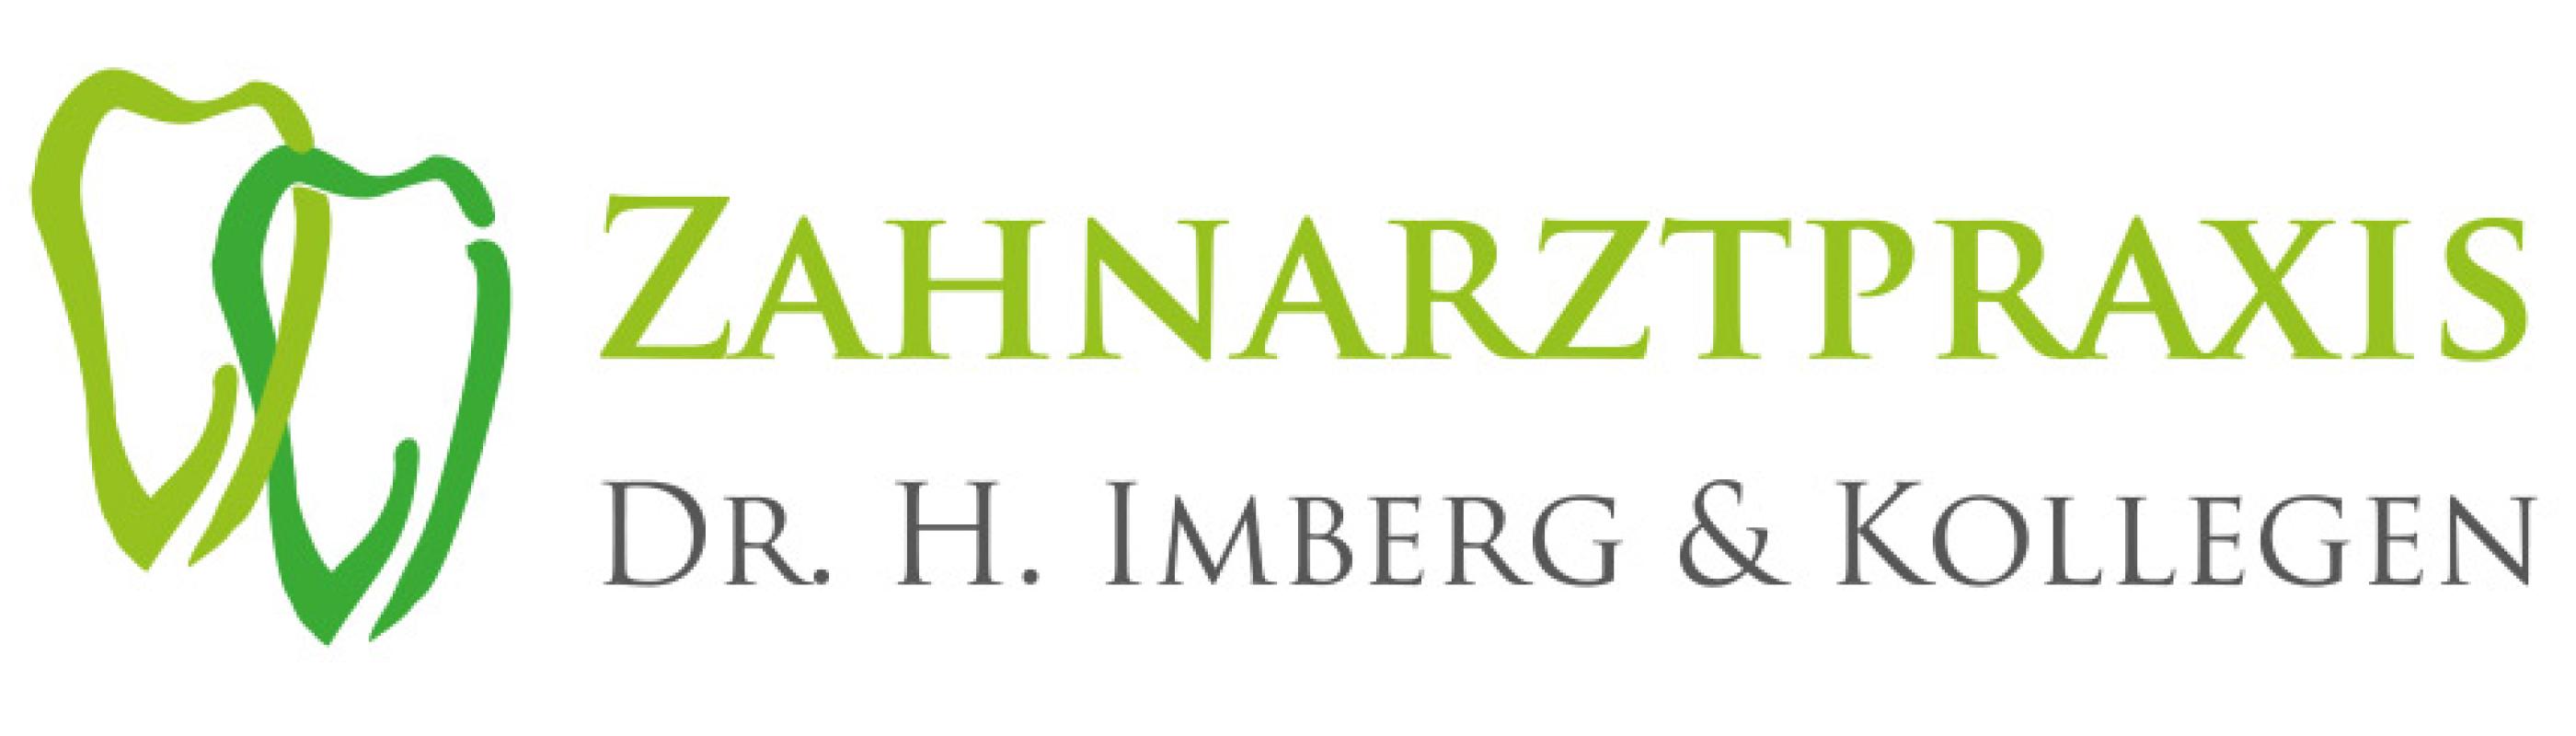 www.zahnarztpraxis-dr-imberg-eicklingen.de